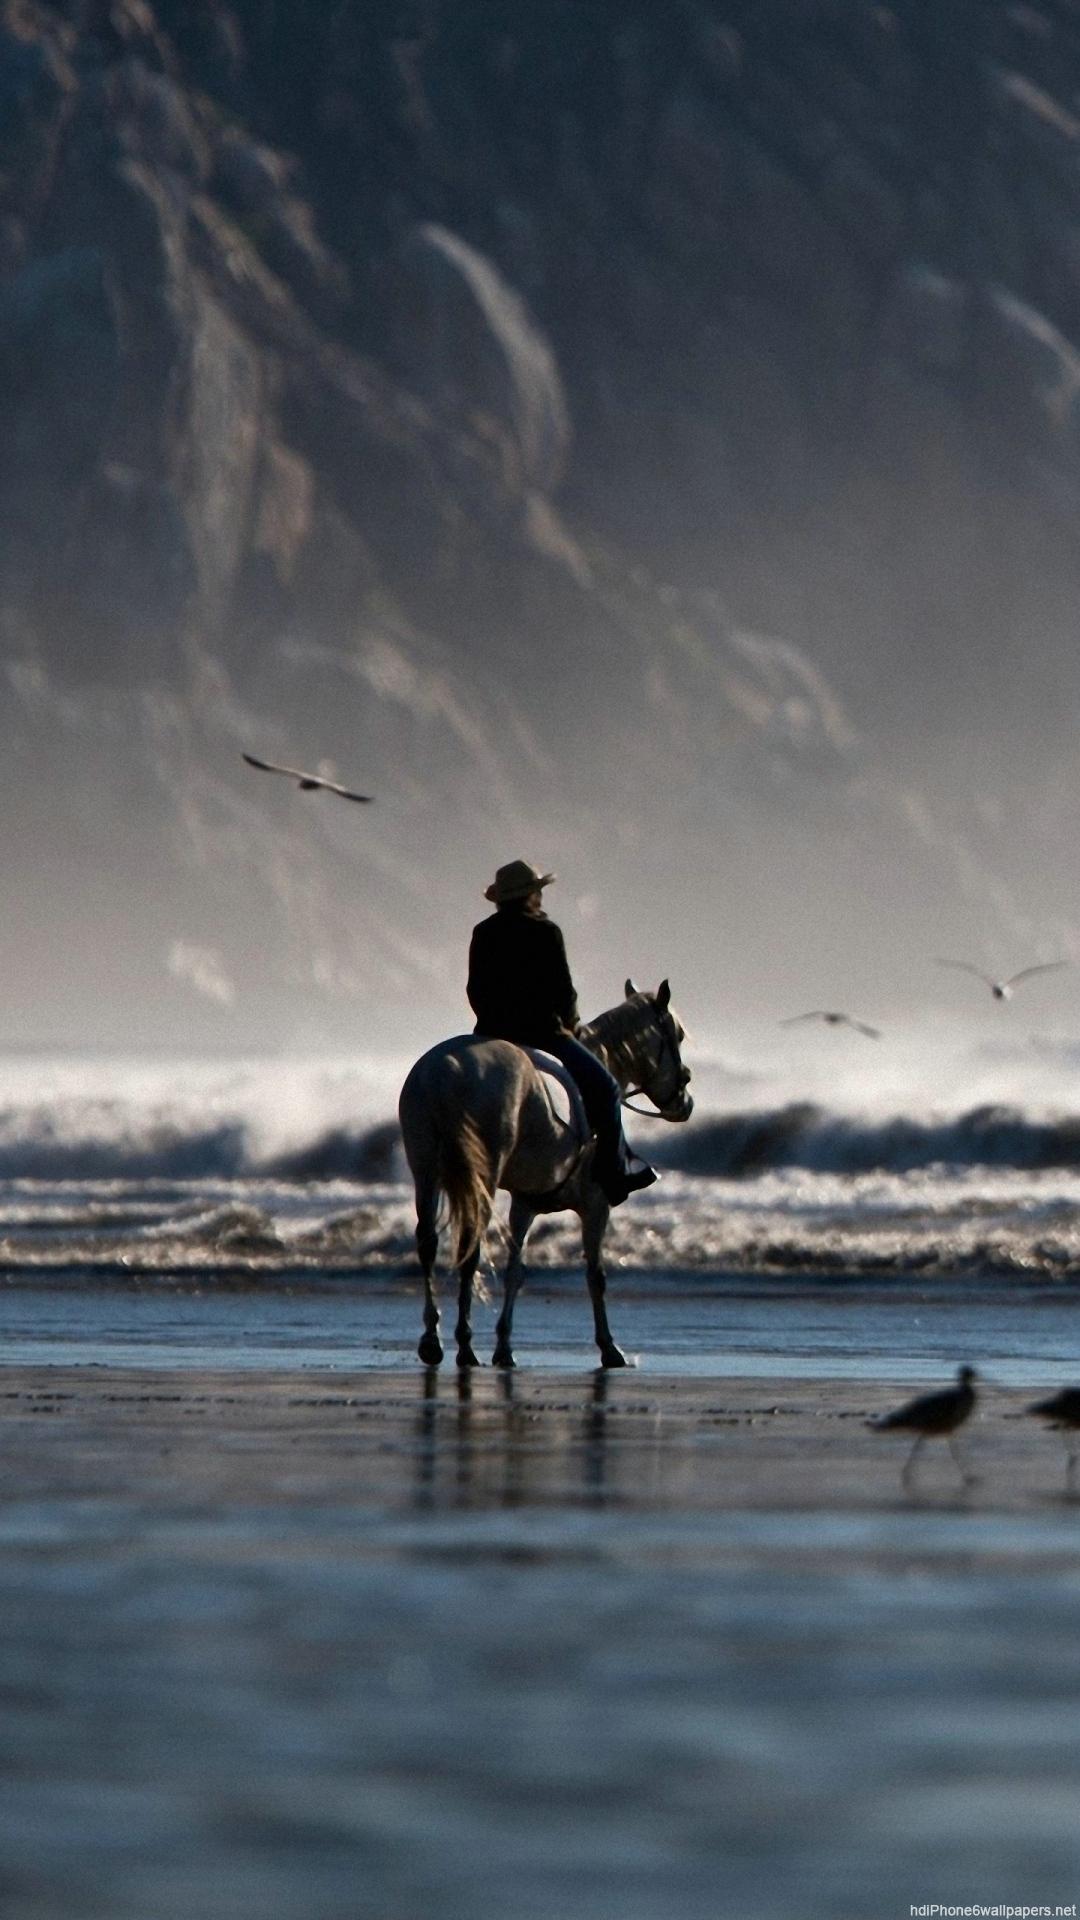 Cool Horse Wallpapers for iPhone - WallpaperSafari